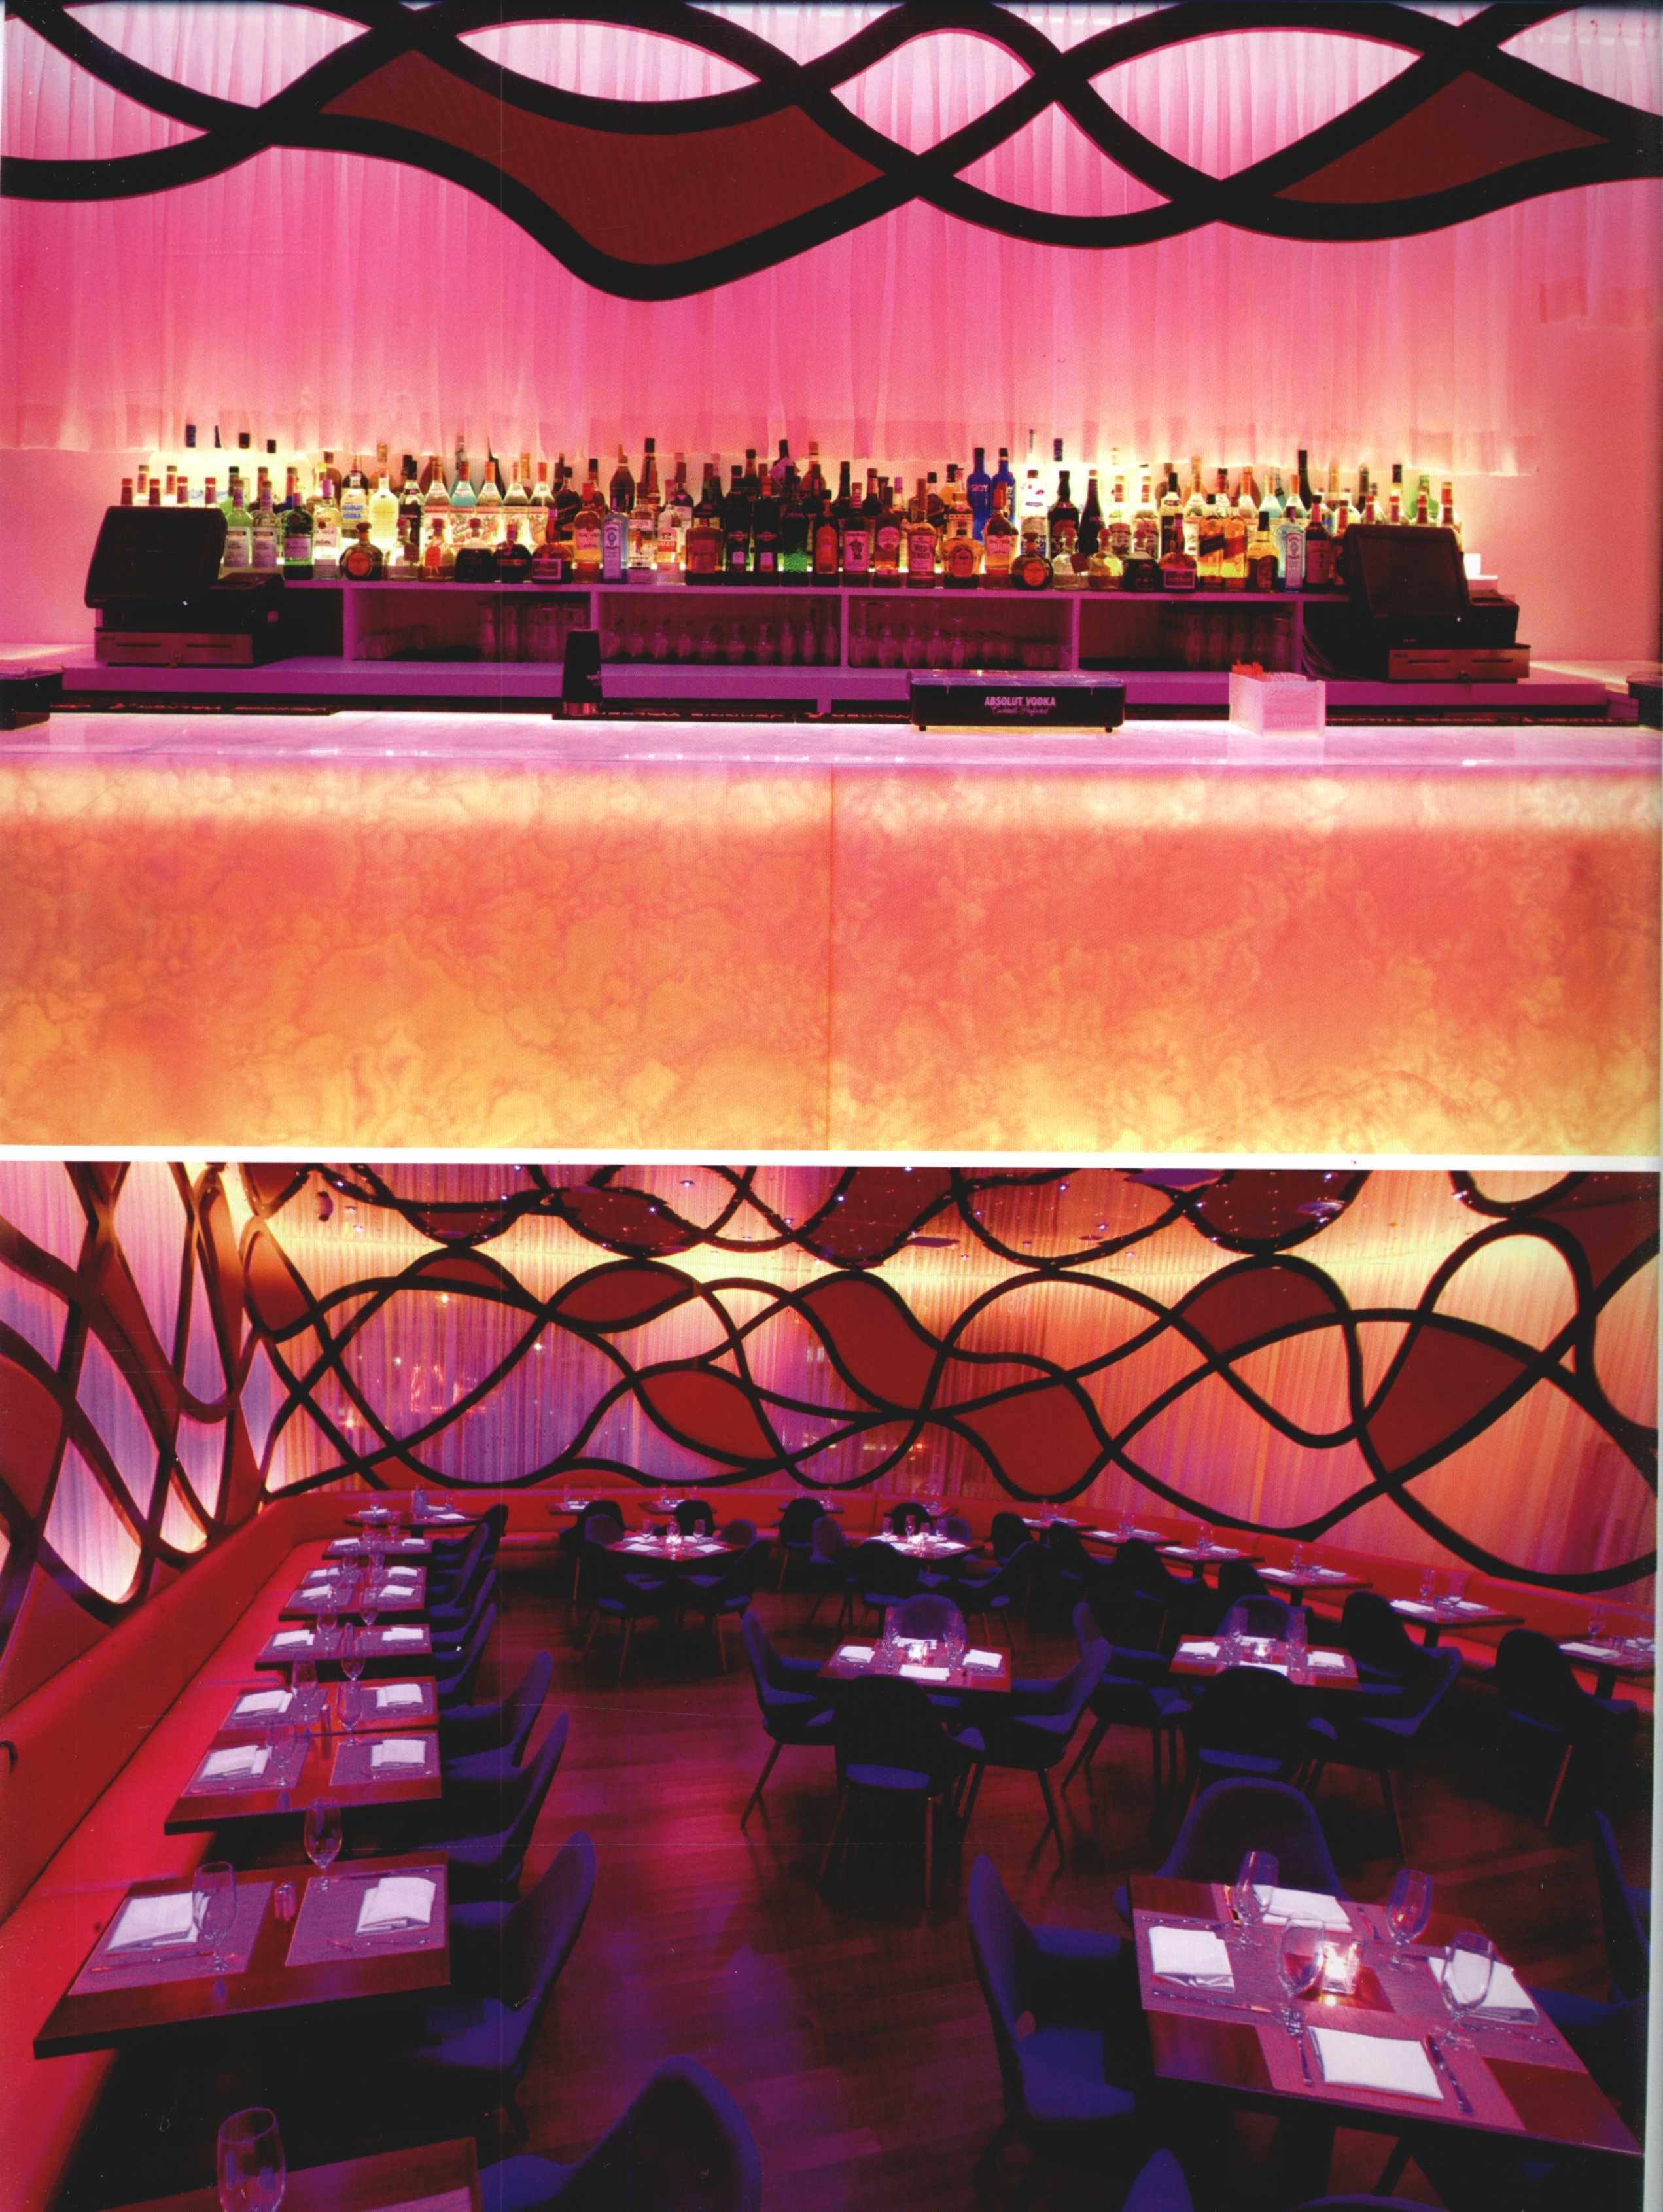 2012全球室内设计年鉴  餐饮_Page_041.jpg